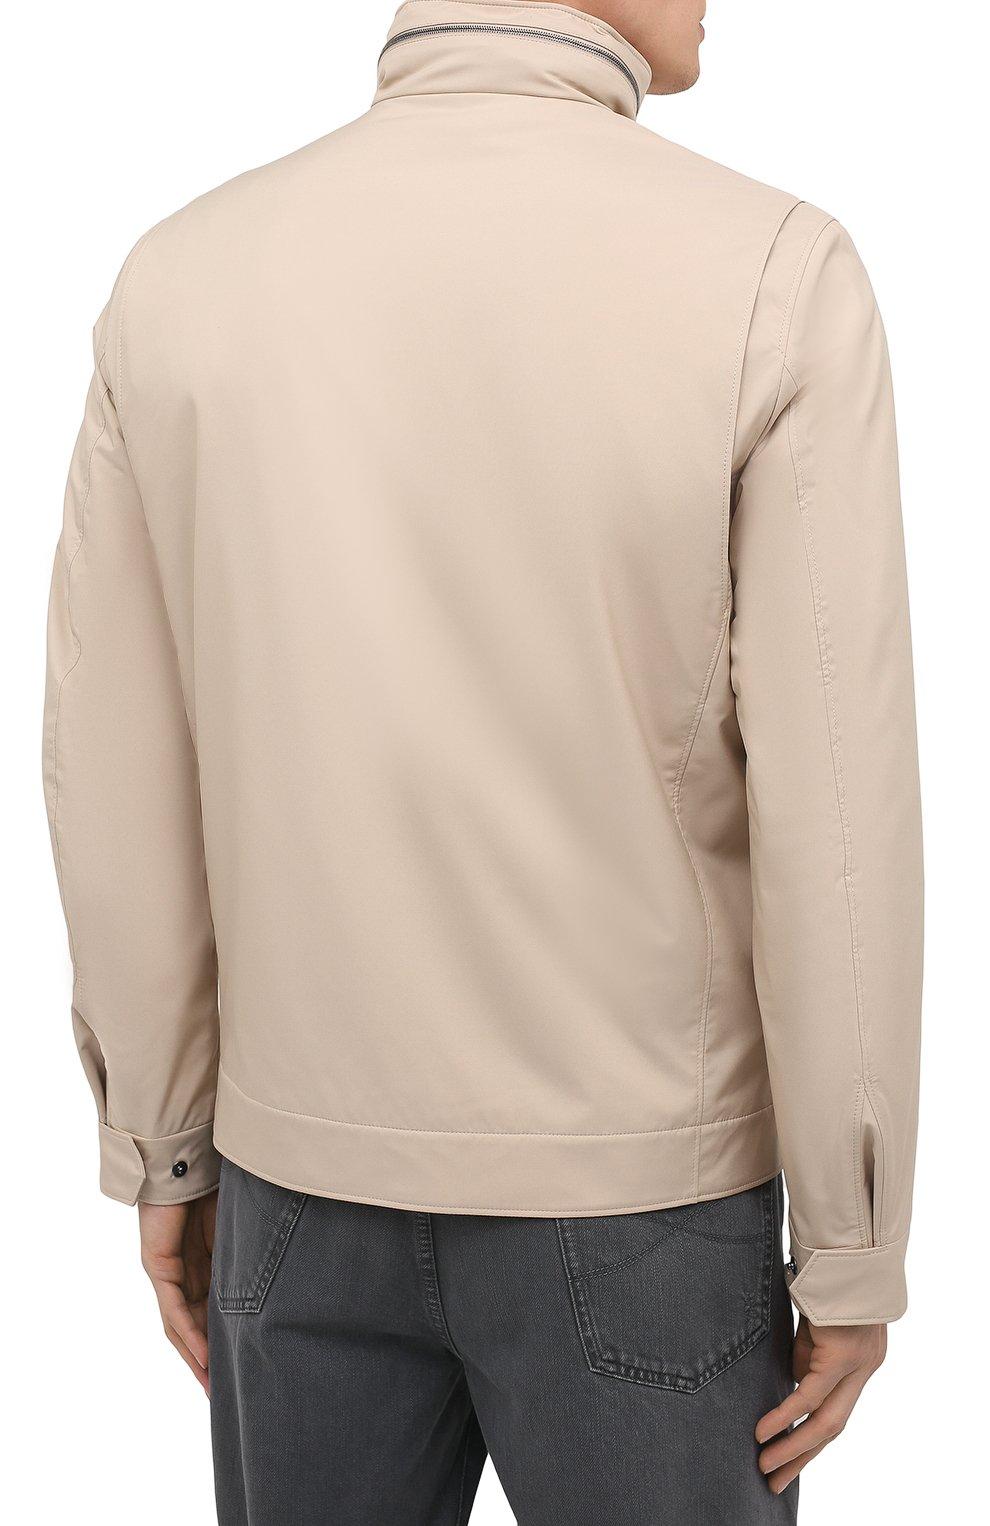 Мужская куртка LORO PIANA бежевого цвета, арт. FAL5139 | Фото 4 (Кросс-КТ: Куртка, Ветровка; Материал утеплителя: Шерсть; Рукава: Длинные; Материал внешний: Синтетический материал; Длина (верхняя одежда): Короткие; Стили: Кэжуэл)